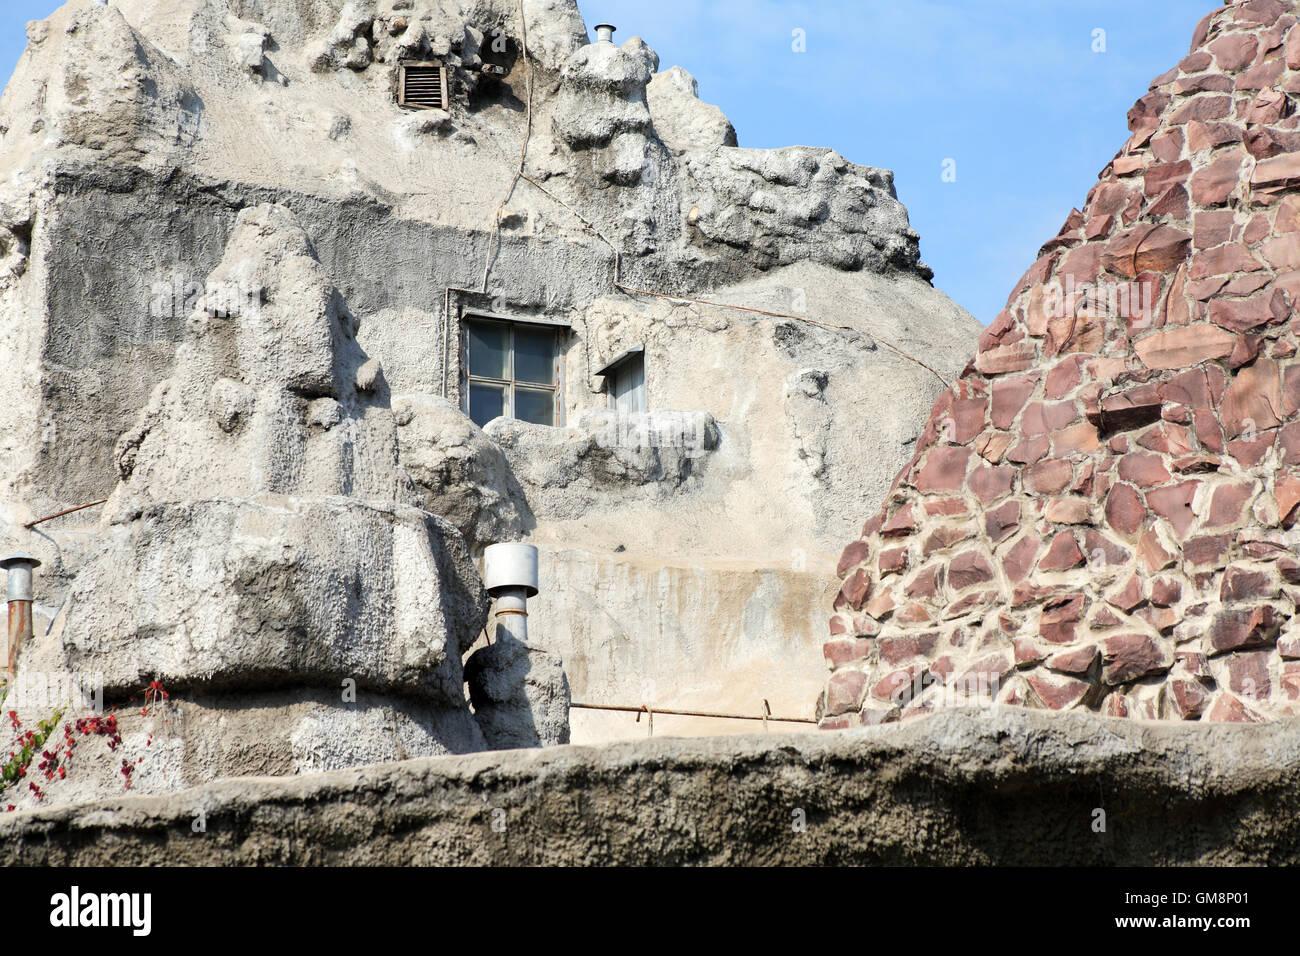 Casa in roccia Immagini Stock